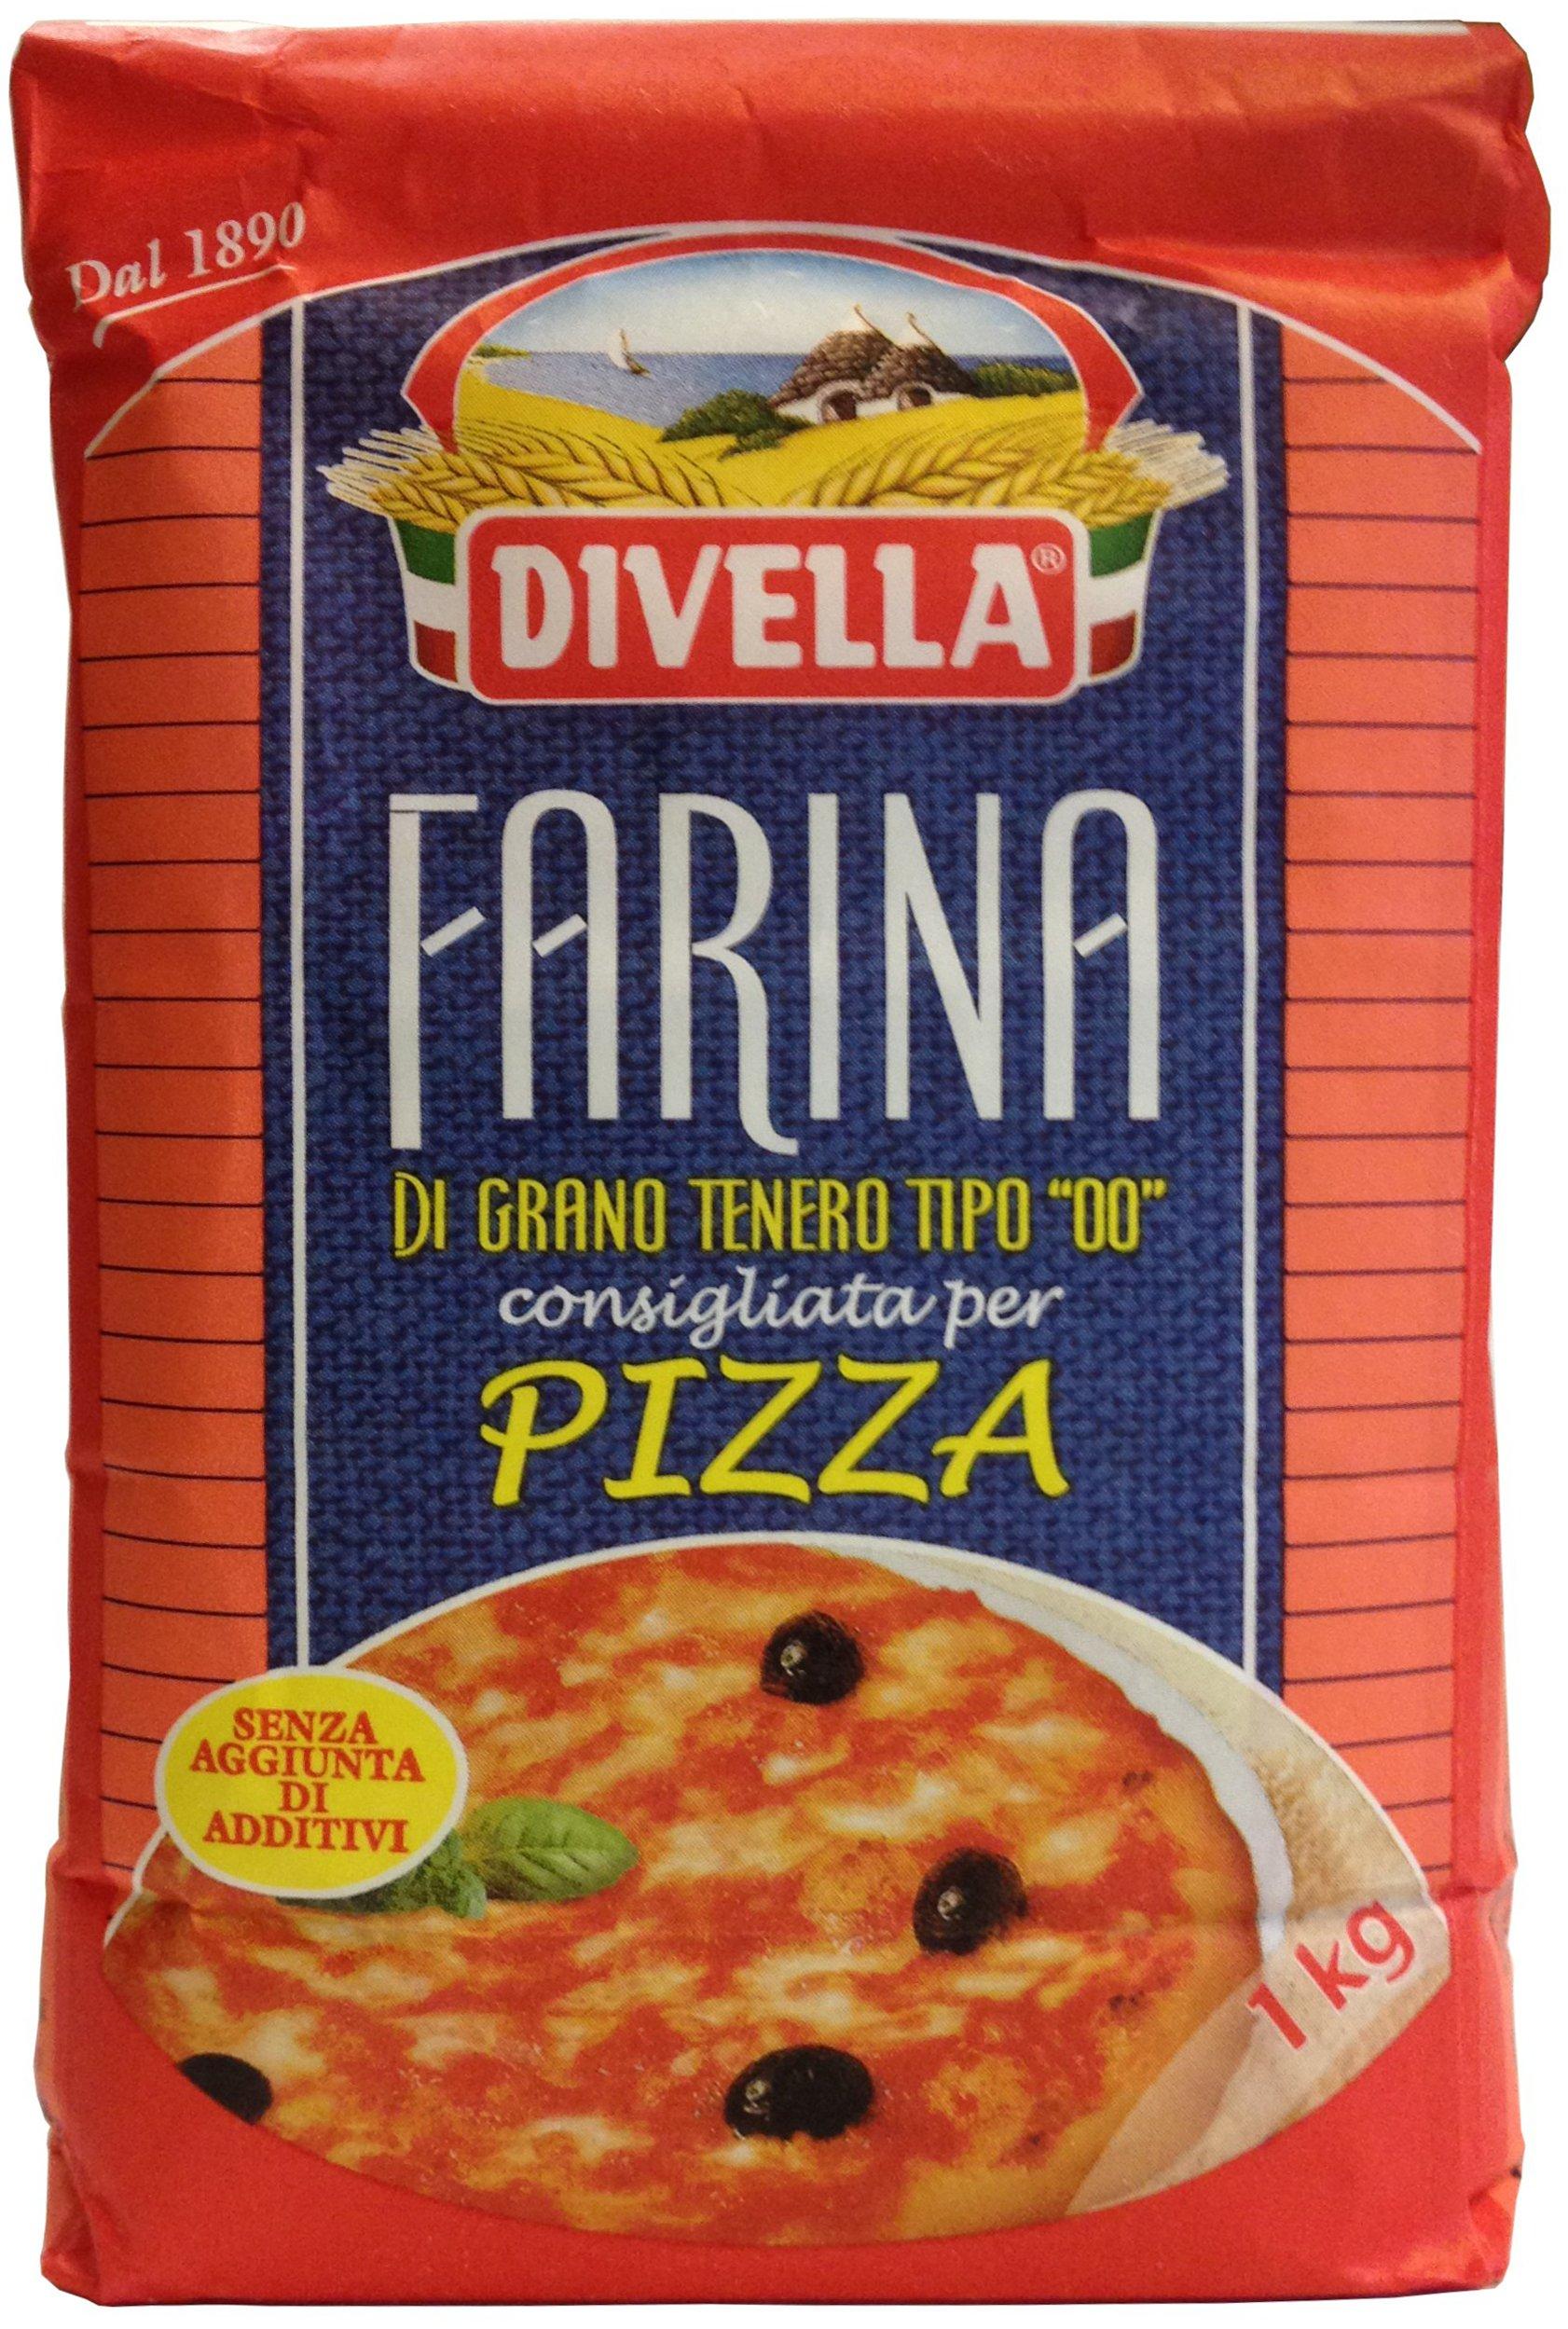 """Divella farina di grano tenero tipo """"00"""" per pizza kg 1 (082654)"""